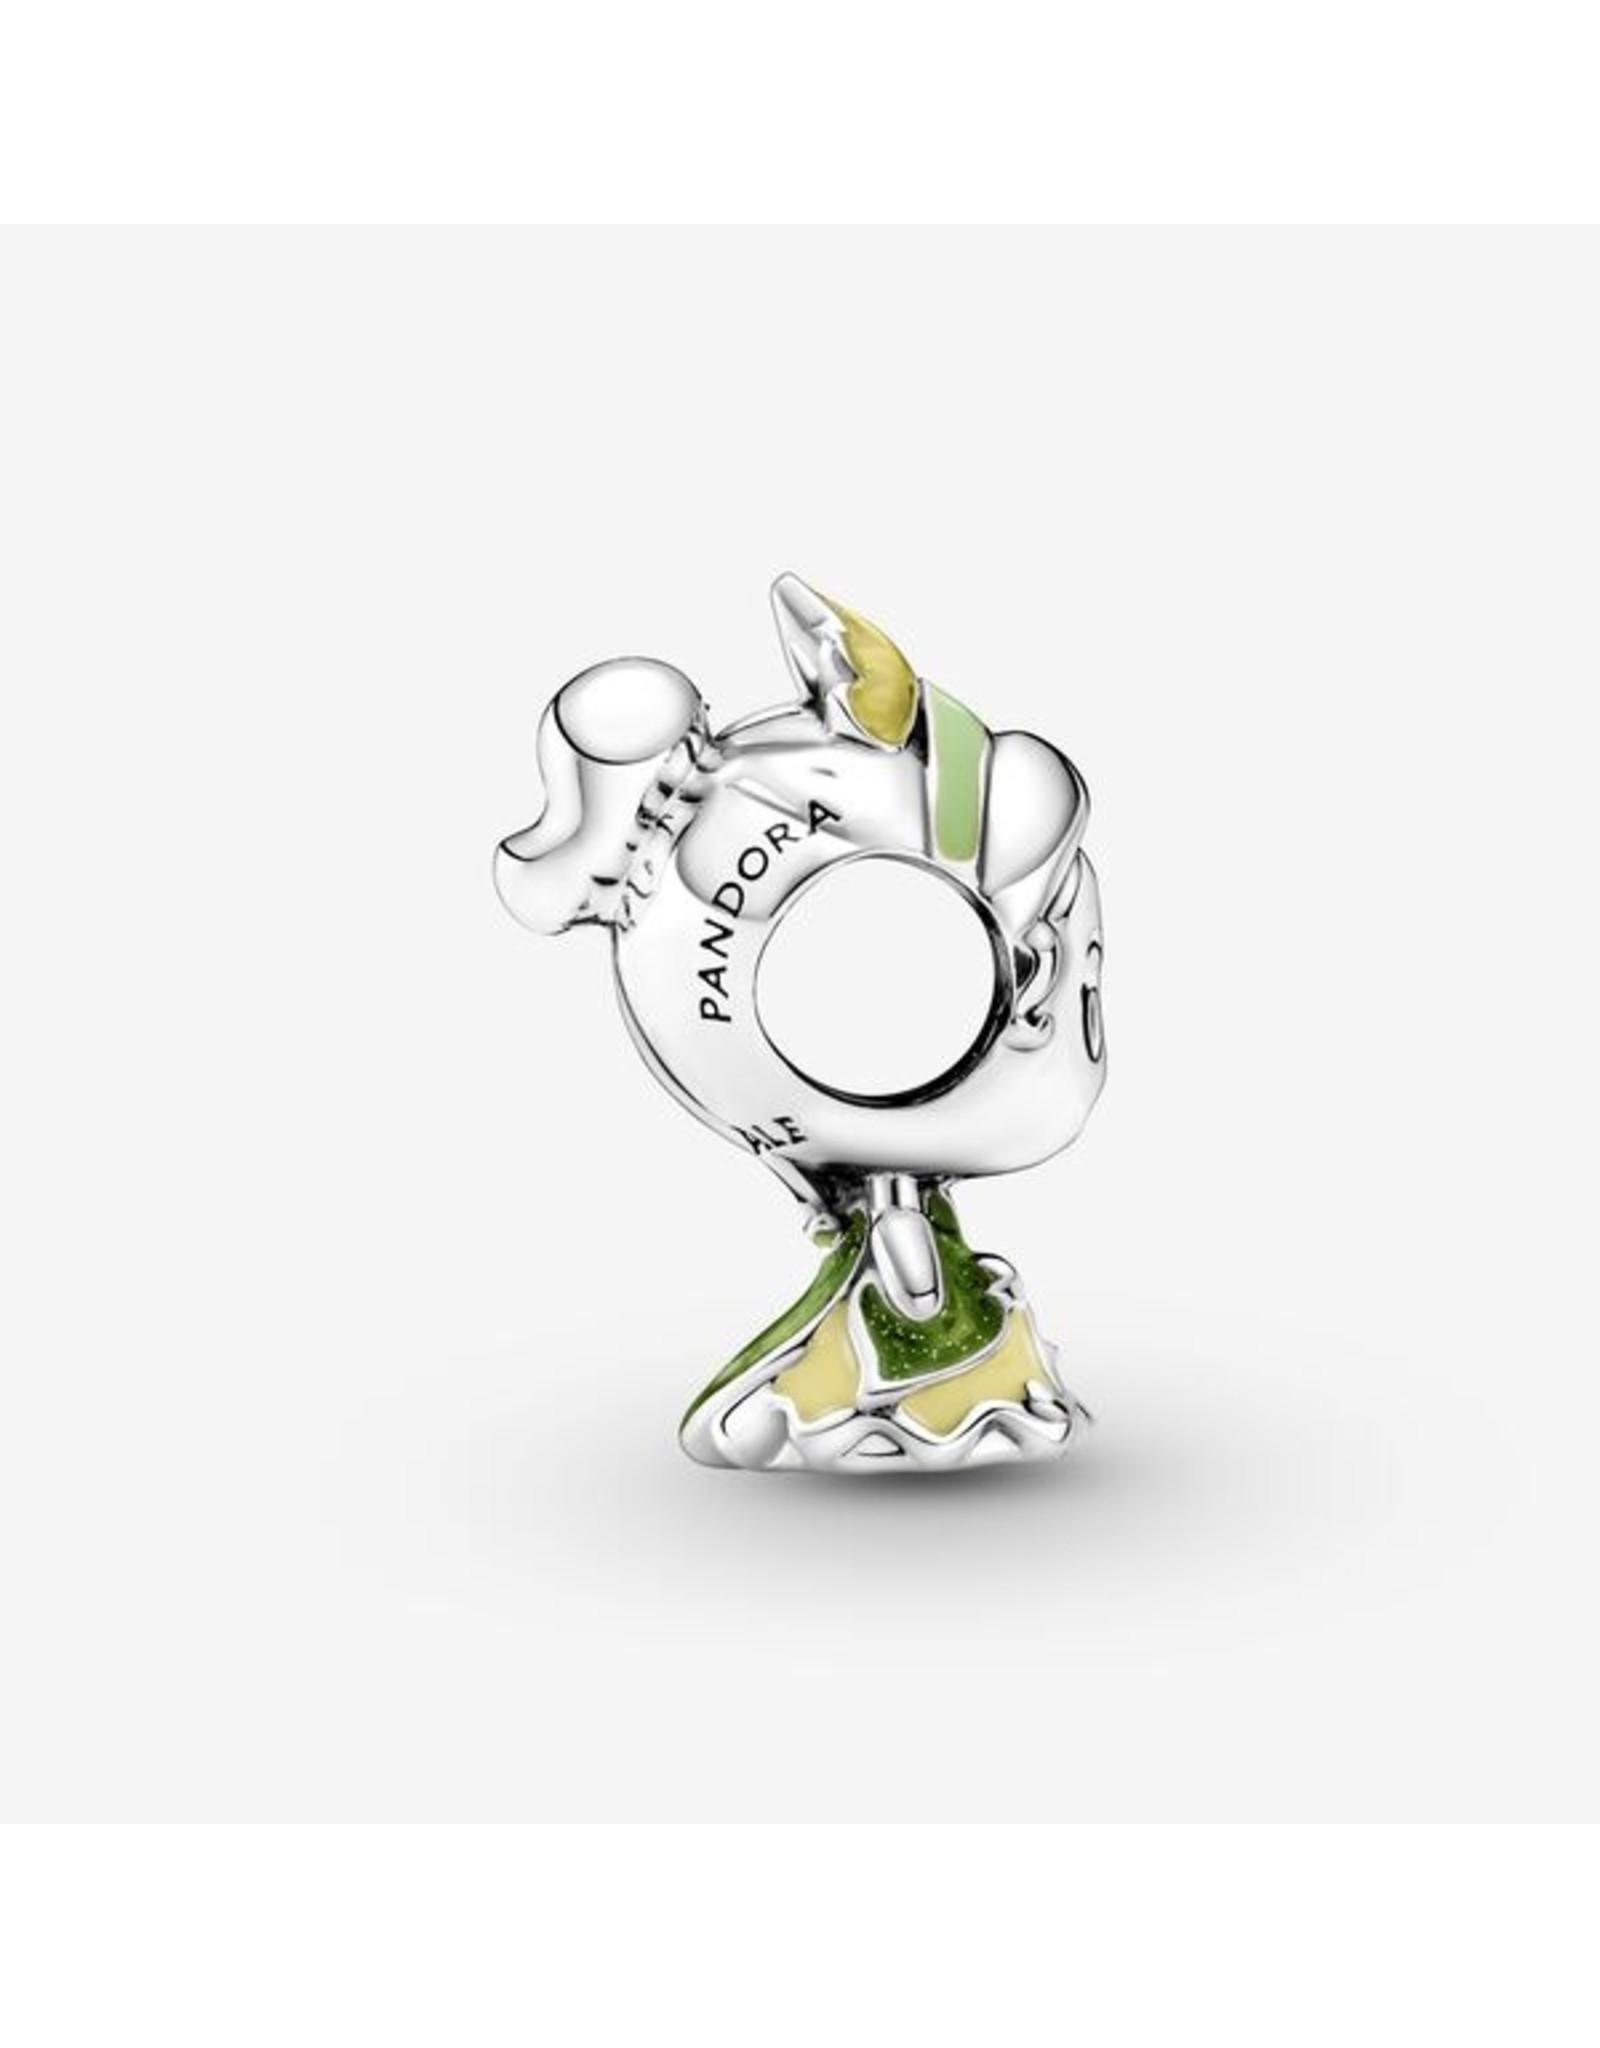 Pandora Pandora Charm, 799510C01, Disney Princess Tiana And The Frog, Mixed Enamel